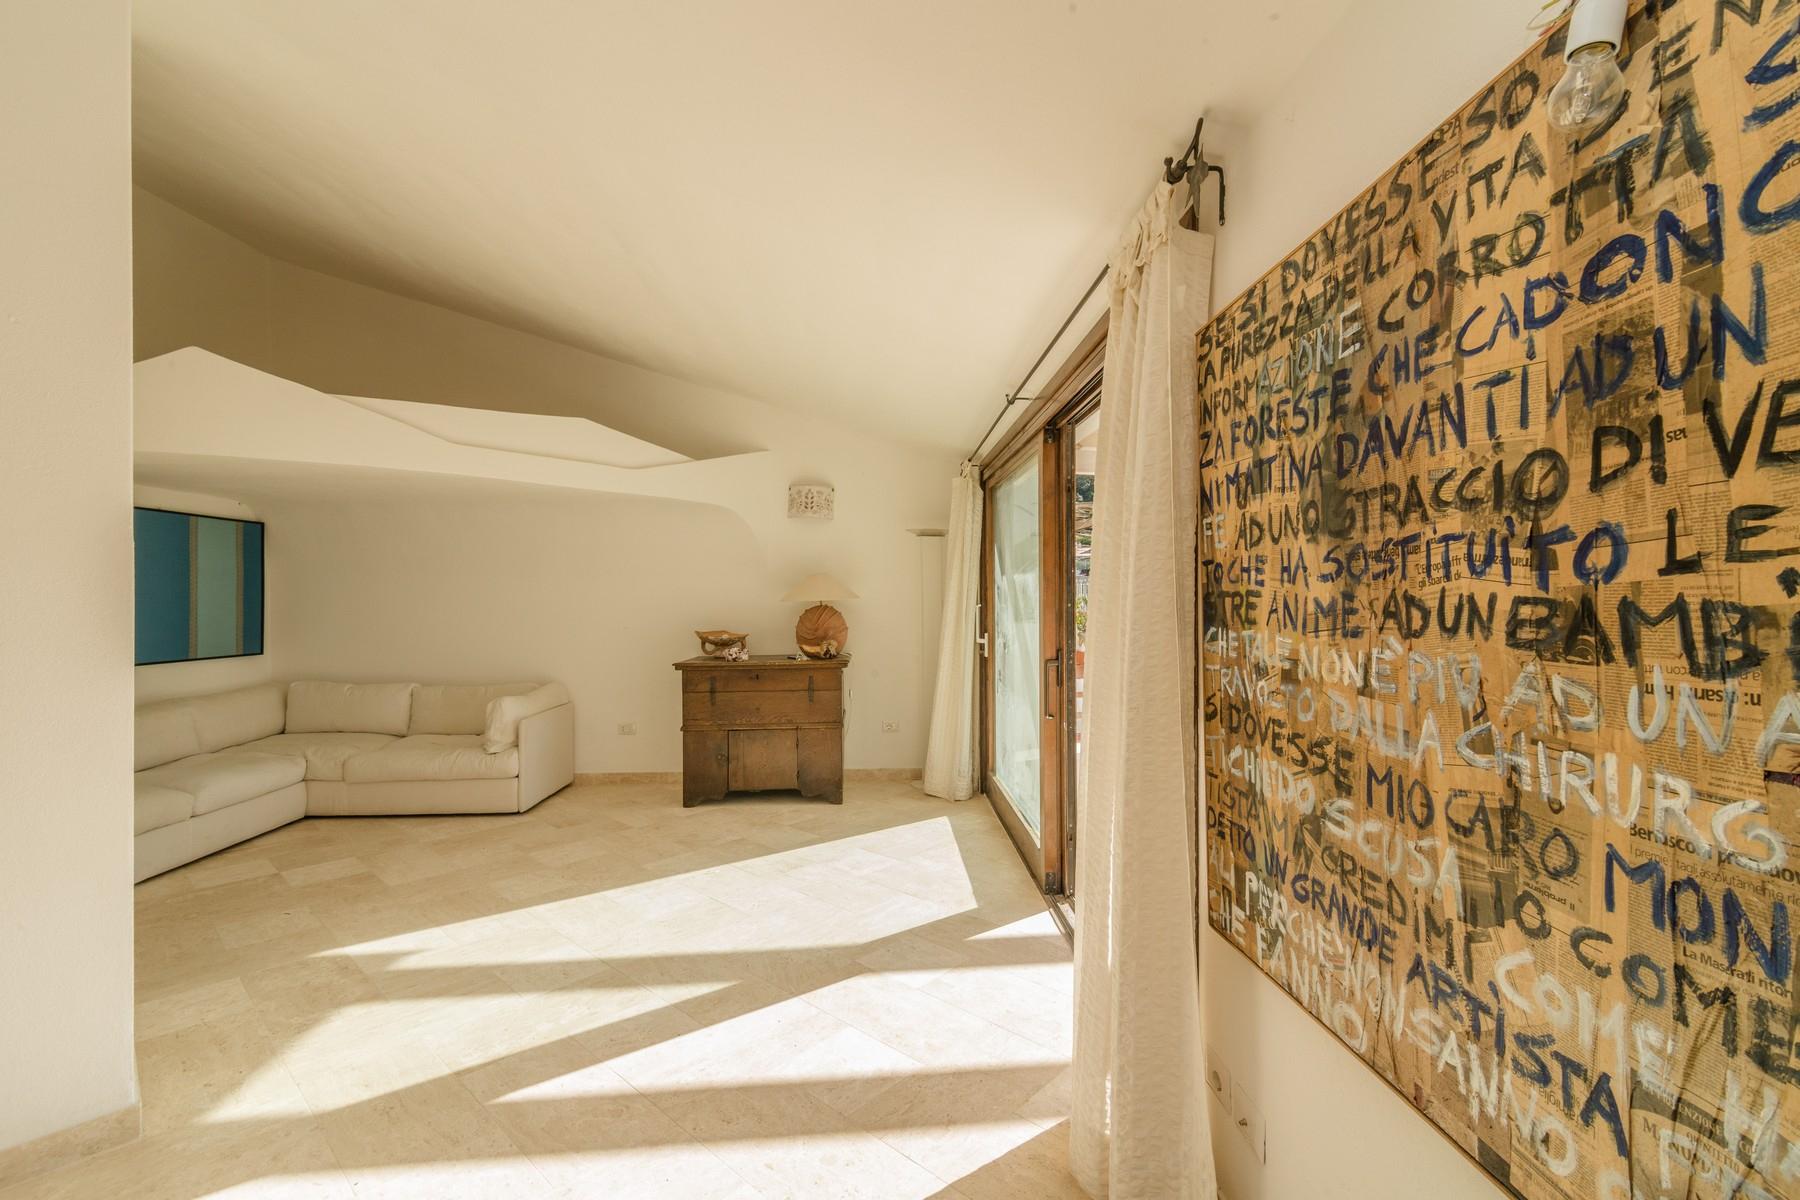 Appartamento in Vendita a Arzachena: 5 locali, 87 mq - Foto 6